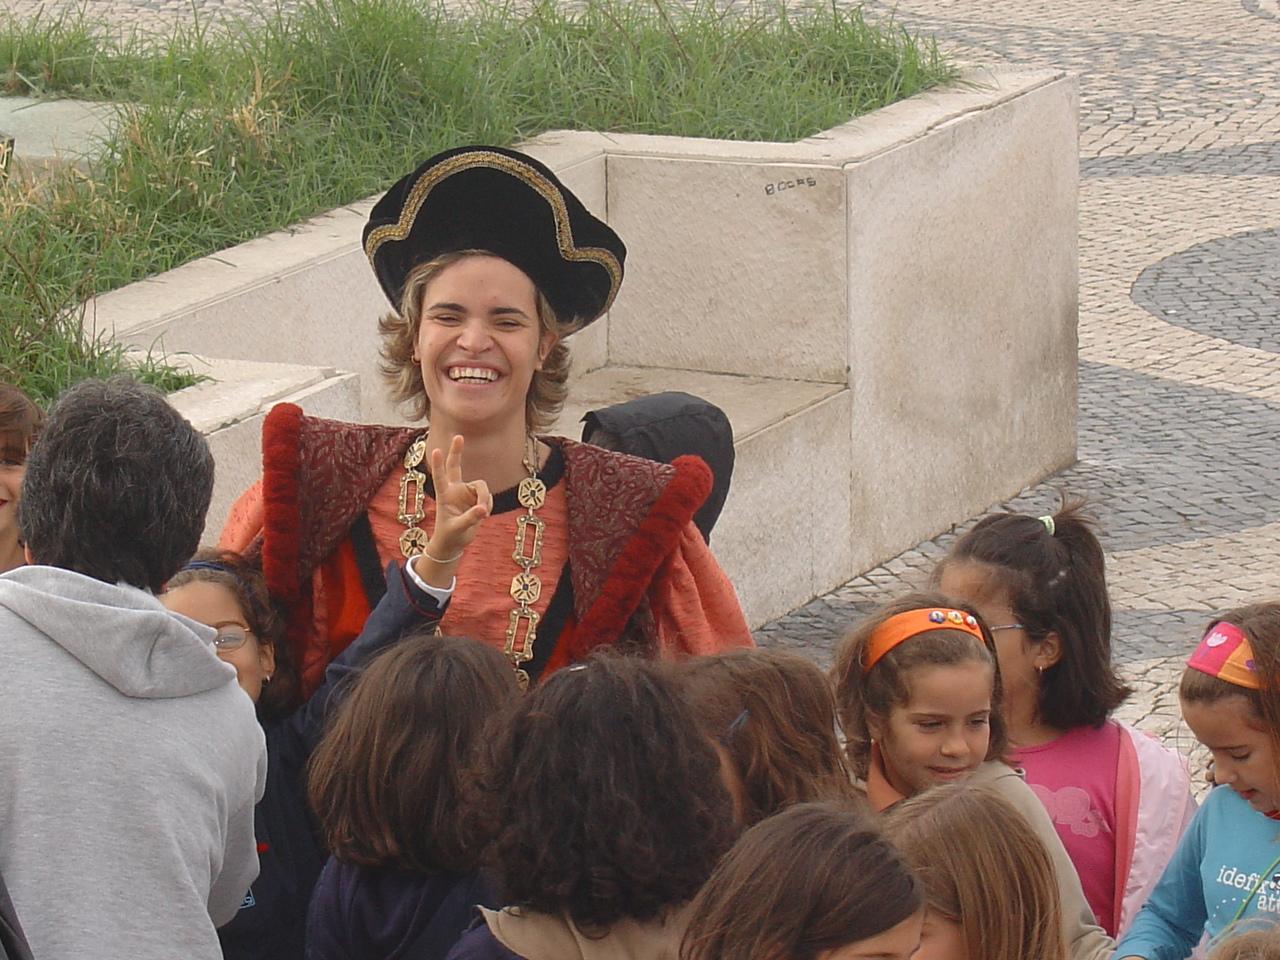 Pessoa vestida à maneira da época do navegador Bartolomeu Dias, século XV